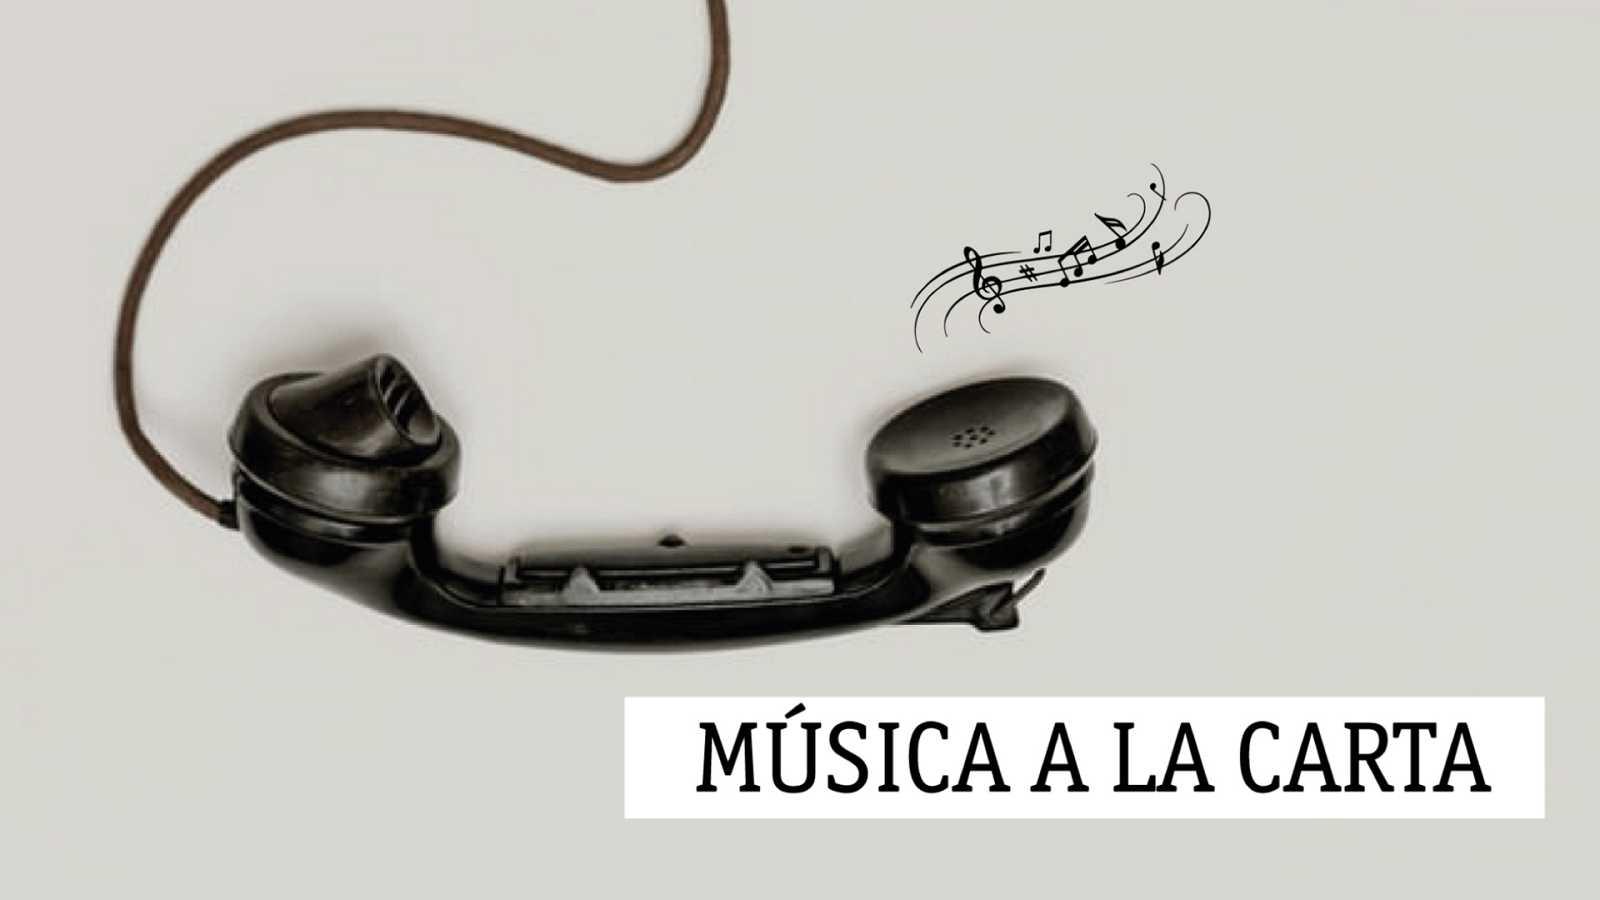 Música a la carta - 23/04/21 - escuchar ahora